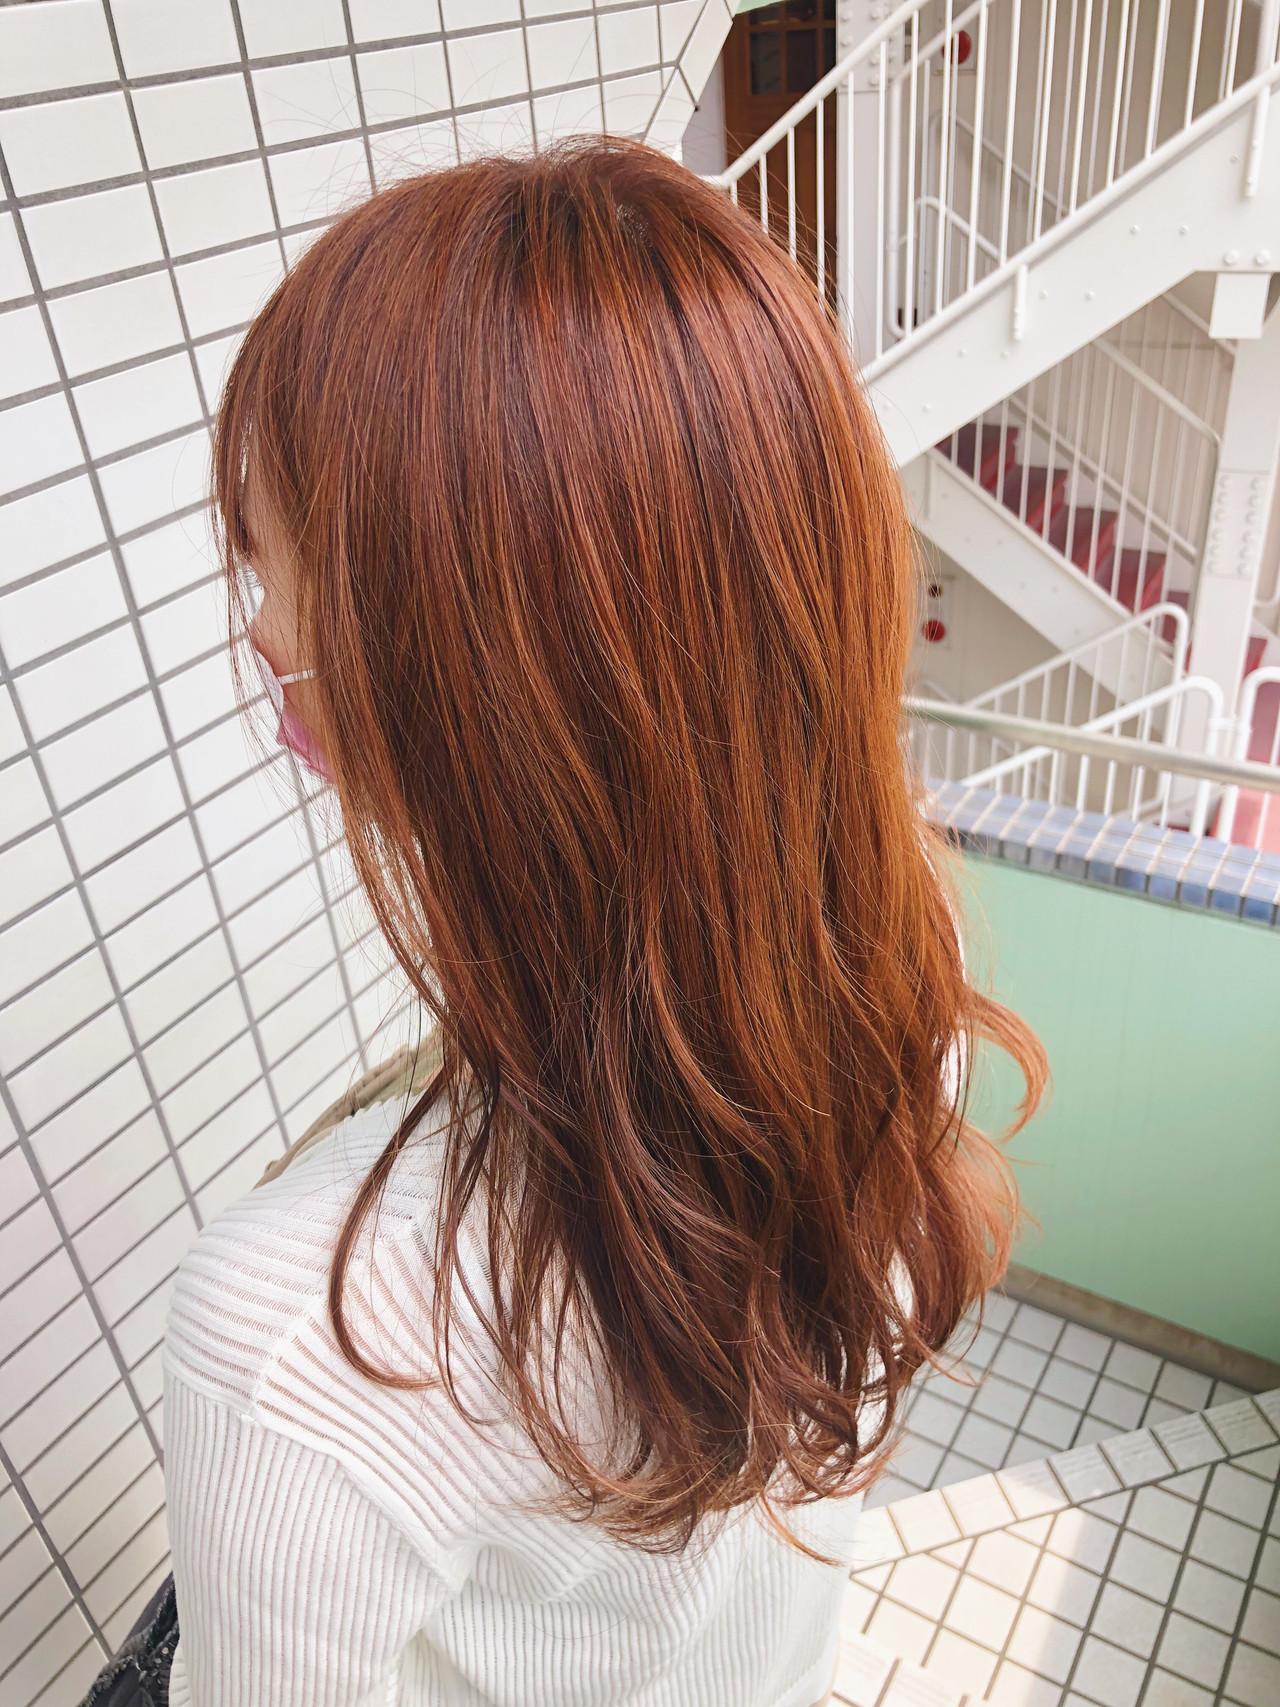 ハイライト ナチュラル 大人ハイライト アプリコットオレンジ ヘアスタイルや髪型の写真・画像